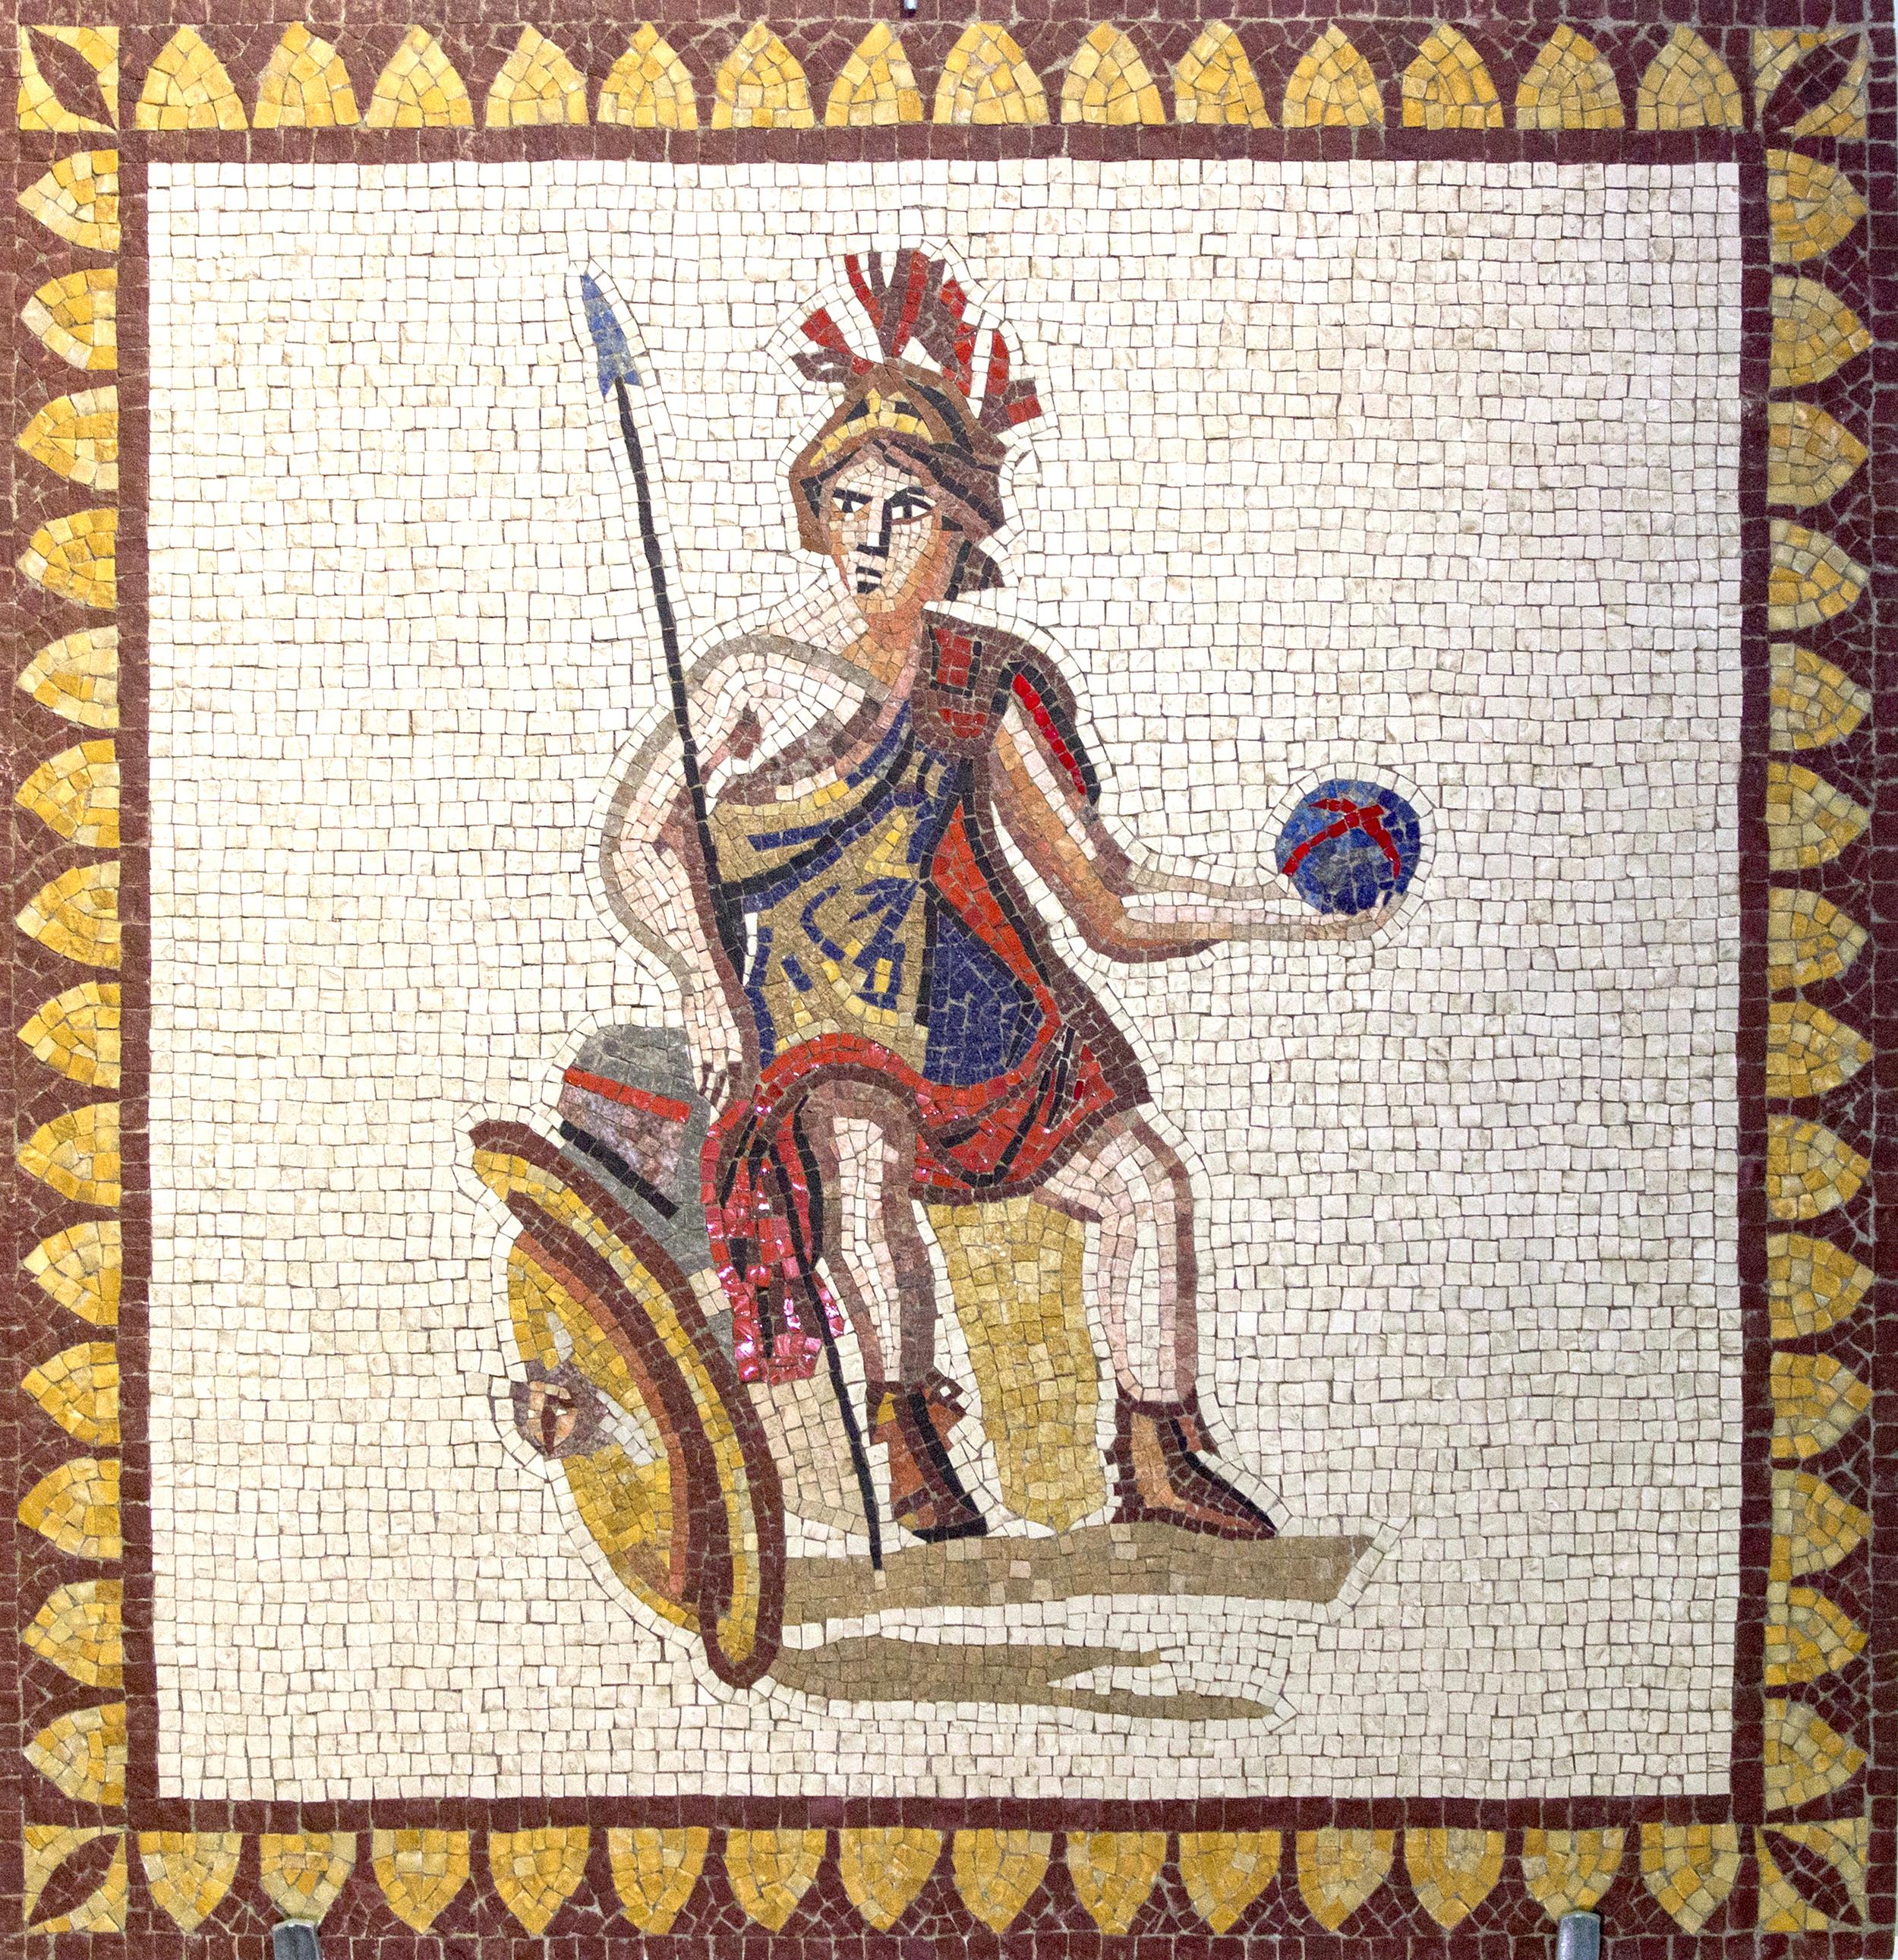 mosaic-8_edit.jpg